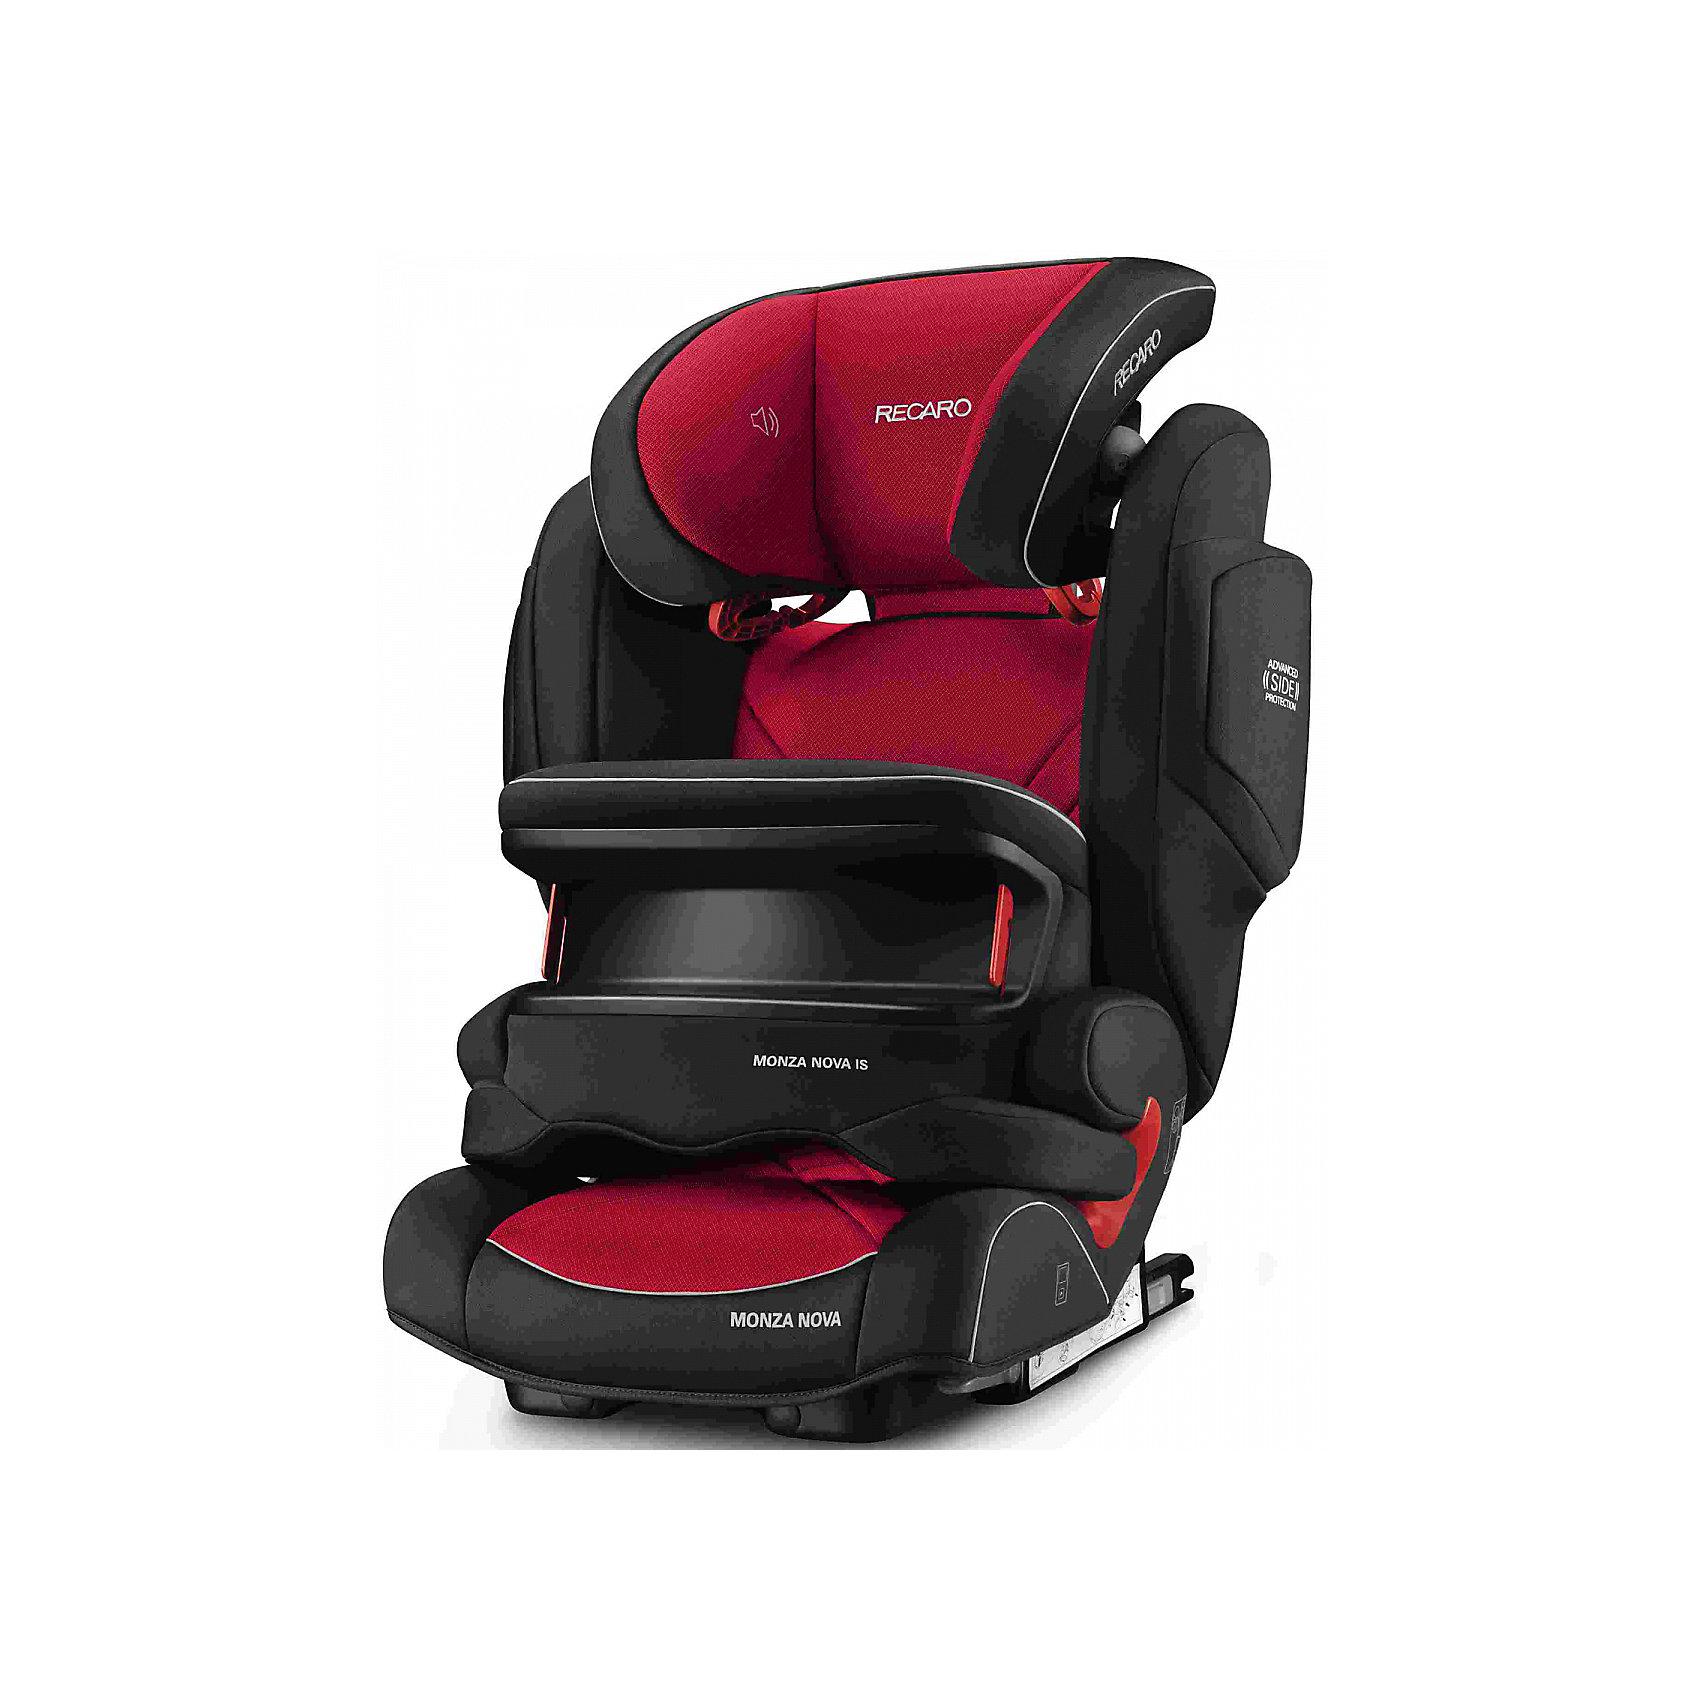 Автокресло RECARO Monza Nova IS Seatfix 9-36 кг, Racing RedГруппа 1-2-3 (От 9 до 36 кг)<br>Характеристики:<br><br>• группа: 1/2/3;<br>• вес ребенка: 9-36 кг;<br>• возраст ребенка: от 9 месяцев до 12 лет;<br>• способ крепления: IsoFix или штатными ремнями безопасности автомобиля;<br>• способ установки: лицом по ходу движения автомобиля;<br>• регулируется высота подголовника: 11 положений;<br>• имеется ростомер;<br>• регулируется глубина подголовника;<br>• перед ребенком находится специальный жесткий столик, который обеспечивает максимальную защиту ребенка от ударов при столкновении и резком торможении;<br>• угол наклона спинки подгоняется под угол сиденья автомобиля, слегка откидывается назад;<br>• имеются подлокотники, высота не меняется;<br>• сетчатый кармашек на боковой стороне автокресла;<br>• под сиденьем автокресла имеются пластиковые опорные элементы;<br>• в боковинках автокресла находятся встроенные динамики;<br>• усиленная боковая защита, 12 см;<br>• материал: пластик, полиэстер;<br>• размеры автокресла: 48х55х74 см;<br>• вес: 8 кг.<br><br>Автокресло Monza Nova IS Seatfix будет сопровождать вас и вашего кроху вплоть до достижения ребенком возраста 12 лет. Автокресло укомплектовано дополнительными аксессуарами для наибольшей безопасности ребенка на каждом этапе его взросления. Когда вес малыша находится в пределах 9-18 кг, эргономичный защитный столик вместе с 3-х точечным ремнем безопасности автомобиля обеспечивают максимальную безопасность. Автокресло обязательно используется со столиком, пока кроха не достигнет определенного роста и веса (95 см/18 кг).<br><br>Автокресло устанавливается на заднем сидении автомобиля с помощью системы Изофикс. Выдвижные крепления кресла совмещаются с системой Изофикс в автомобиле.<br>Обивка автокресла выполнена из дышащего материала, который не впитывает посторонние запахи. Автокресло оснащено вентиляционными отверстиями для циркуляции воздуха и регуляции теплообмена. Чехлы автокресла съемные, допускается стирка при температу